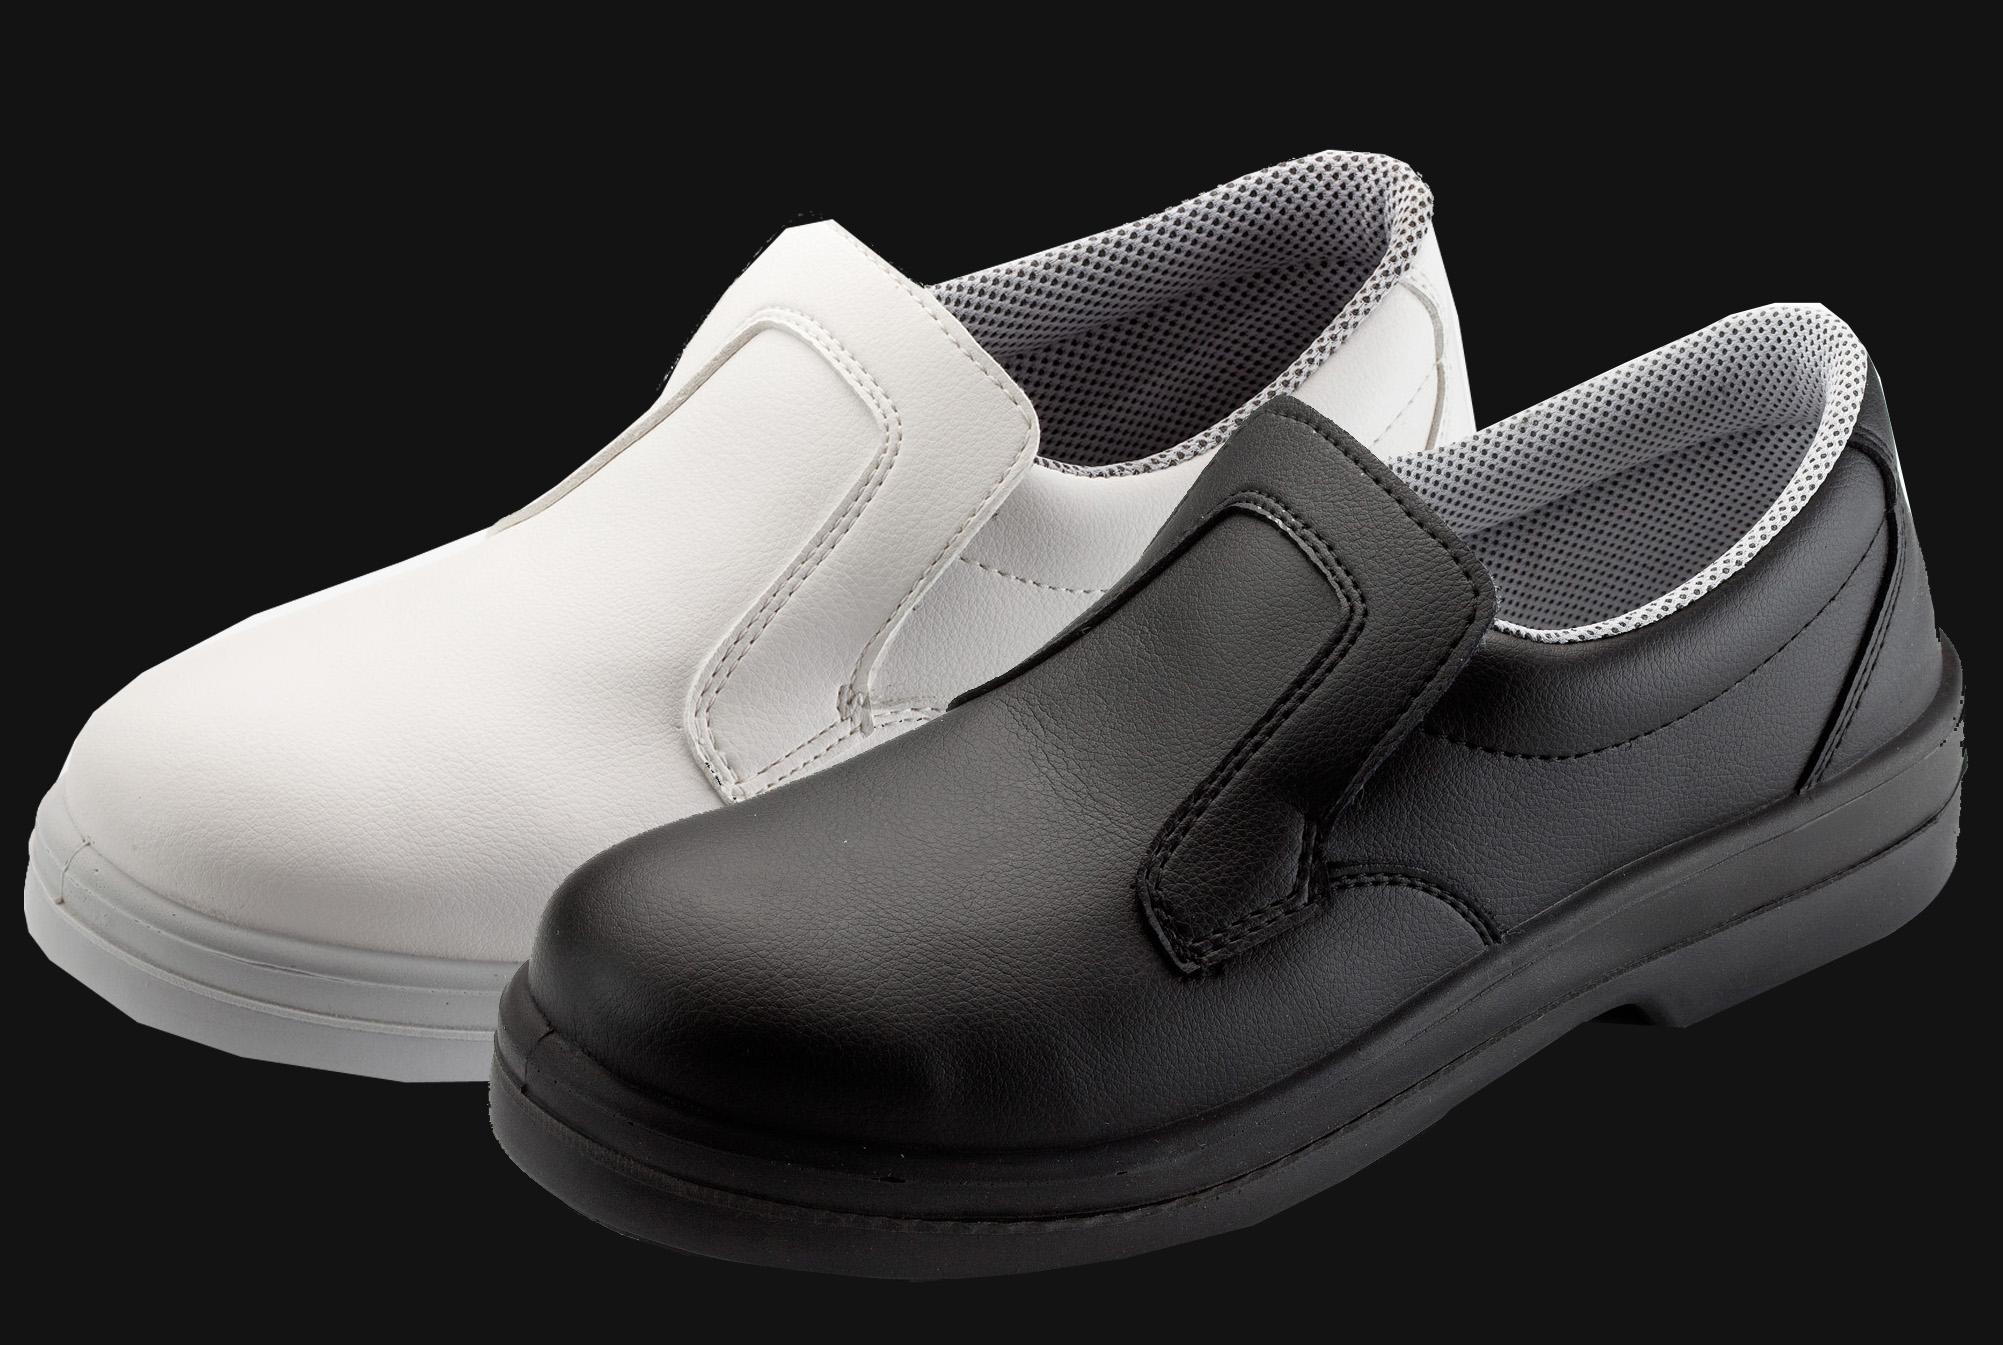 chaussure de cuisine la halle aux chaussures chaussure de cuisine respirante chaussure de. Black Bedroom Furniture Sets. Home Design Ideas